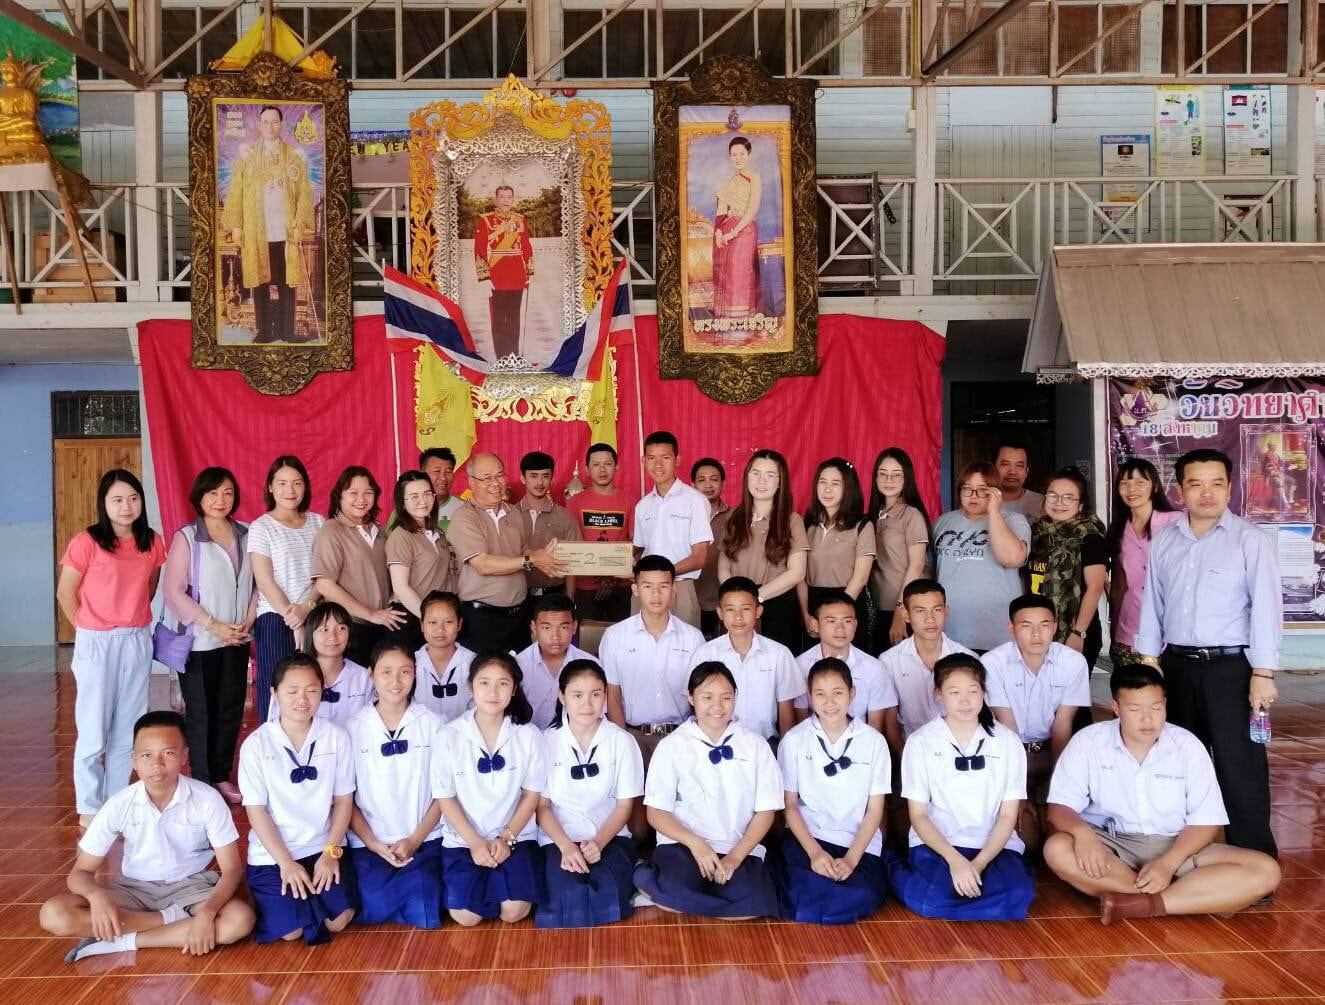 จิตอาสา ร่วมบริจากสิ่งของอุปกรณ์การเรียน และทุนการศึกษาแก่เด็กใน อ.แม่สะเรียง จ.แม่ฮ่องสอน 17 กุมภาพันธ์ 2562